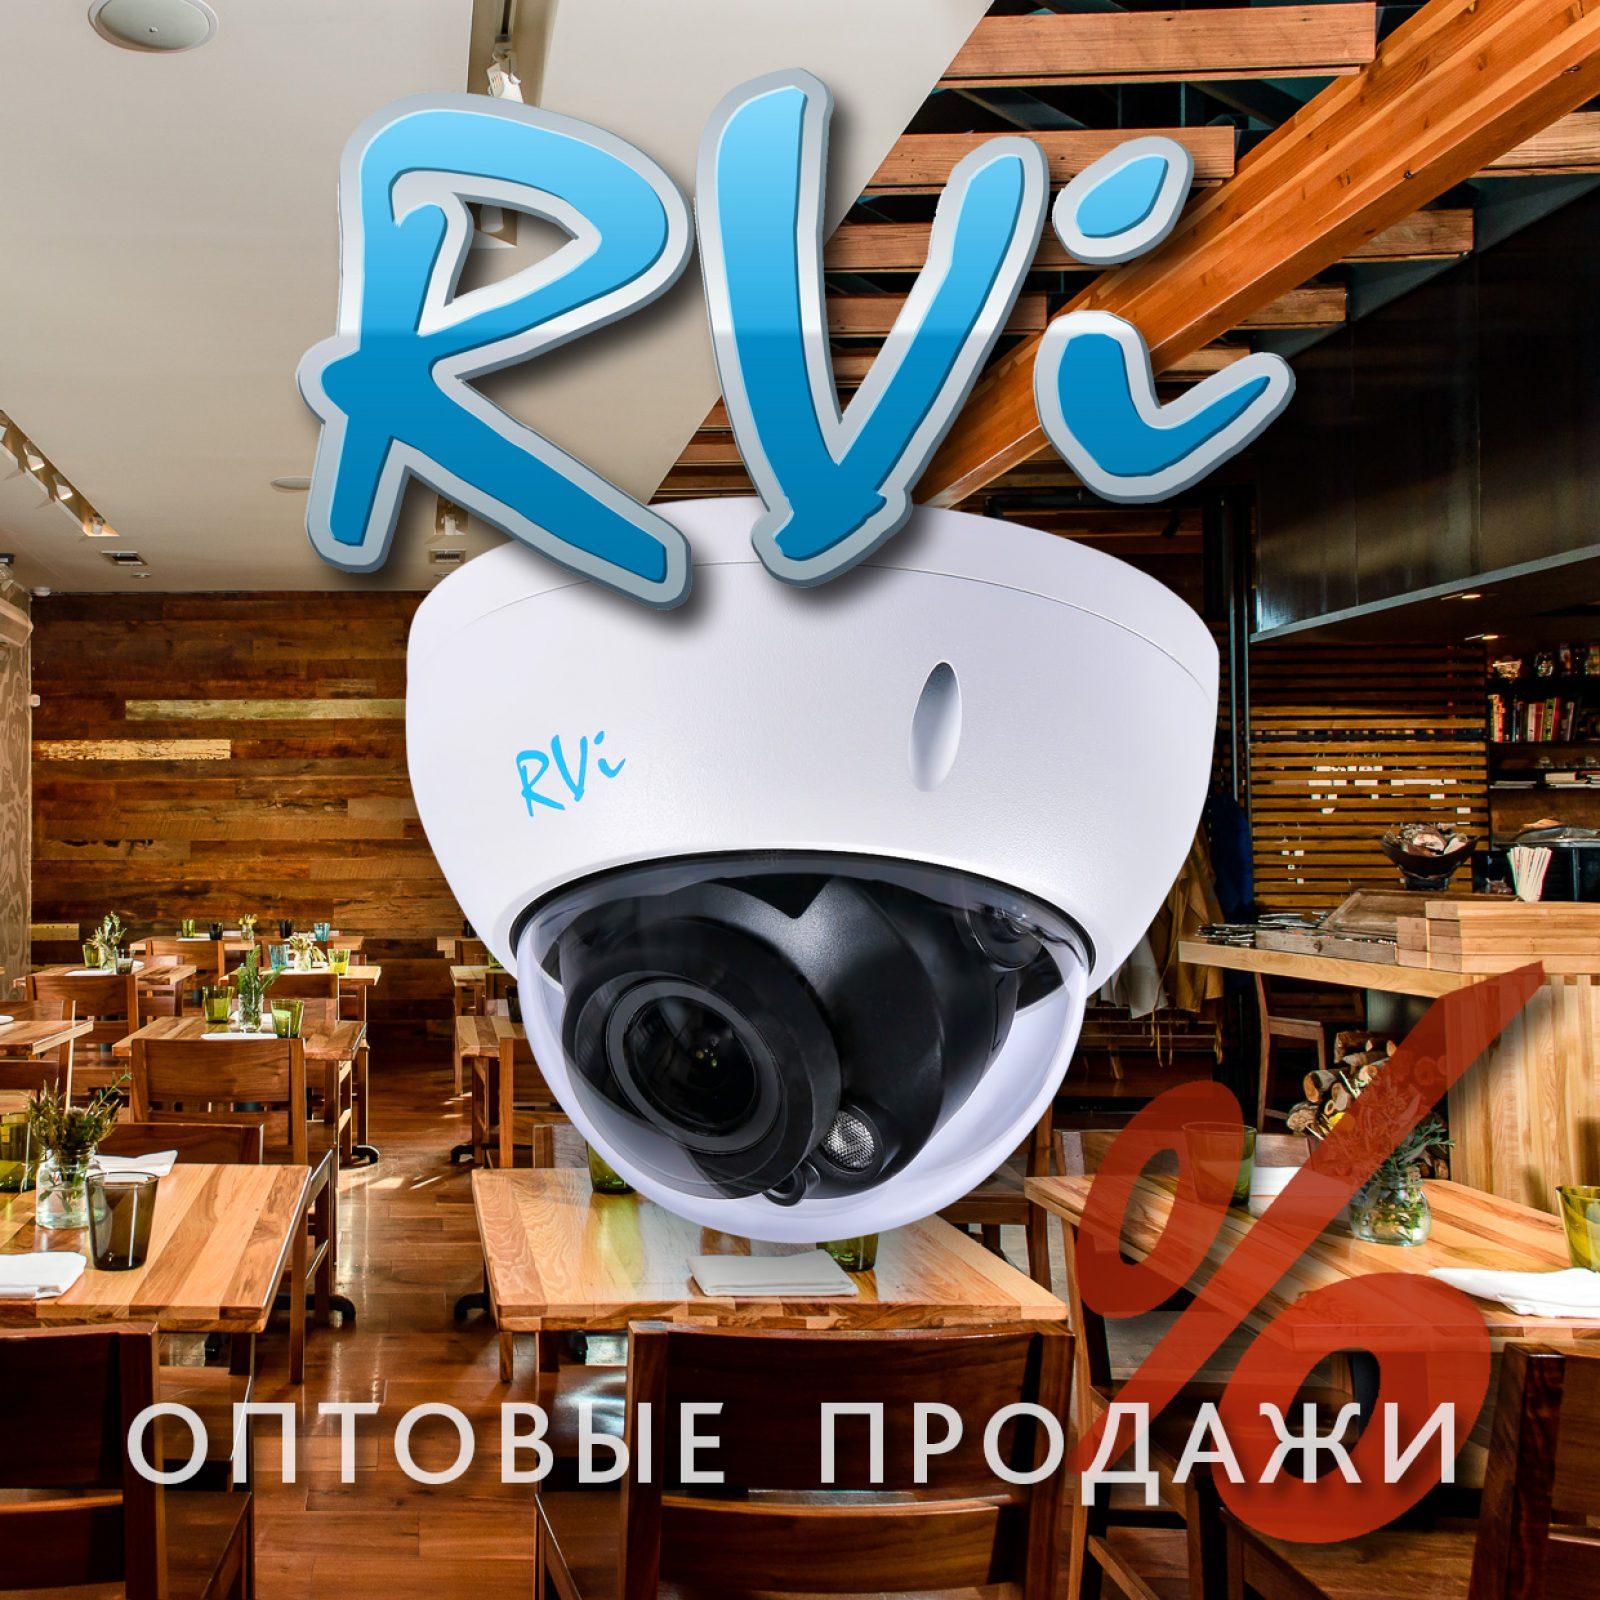 Видеооборудование RVi для ресторанов,кафе,промышленных организаций и др.